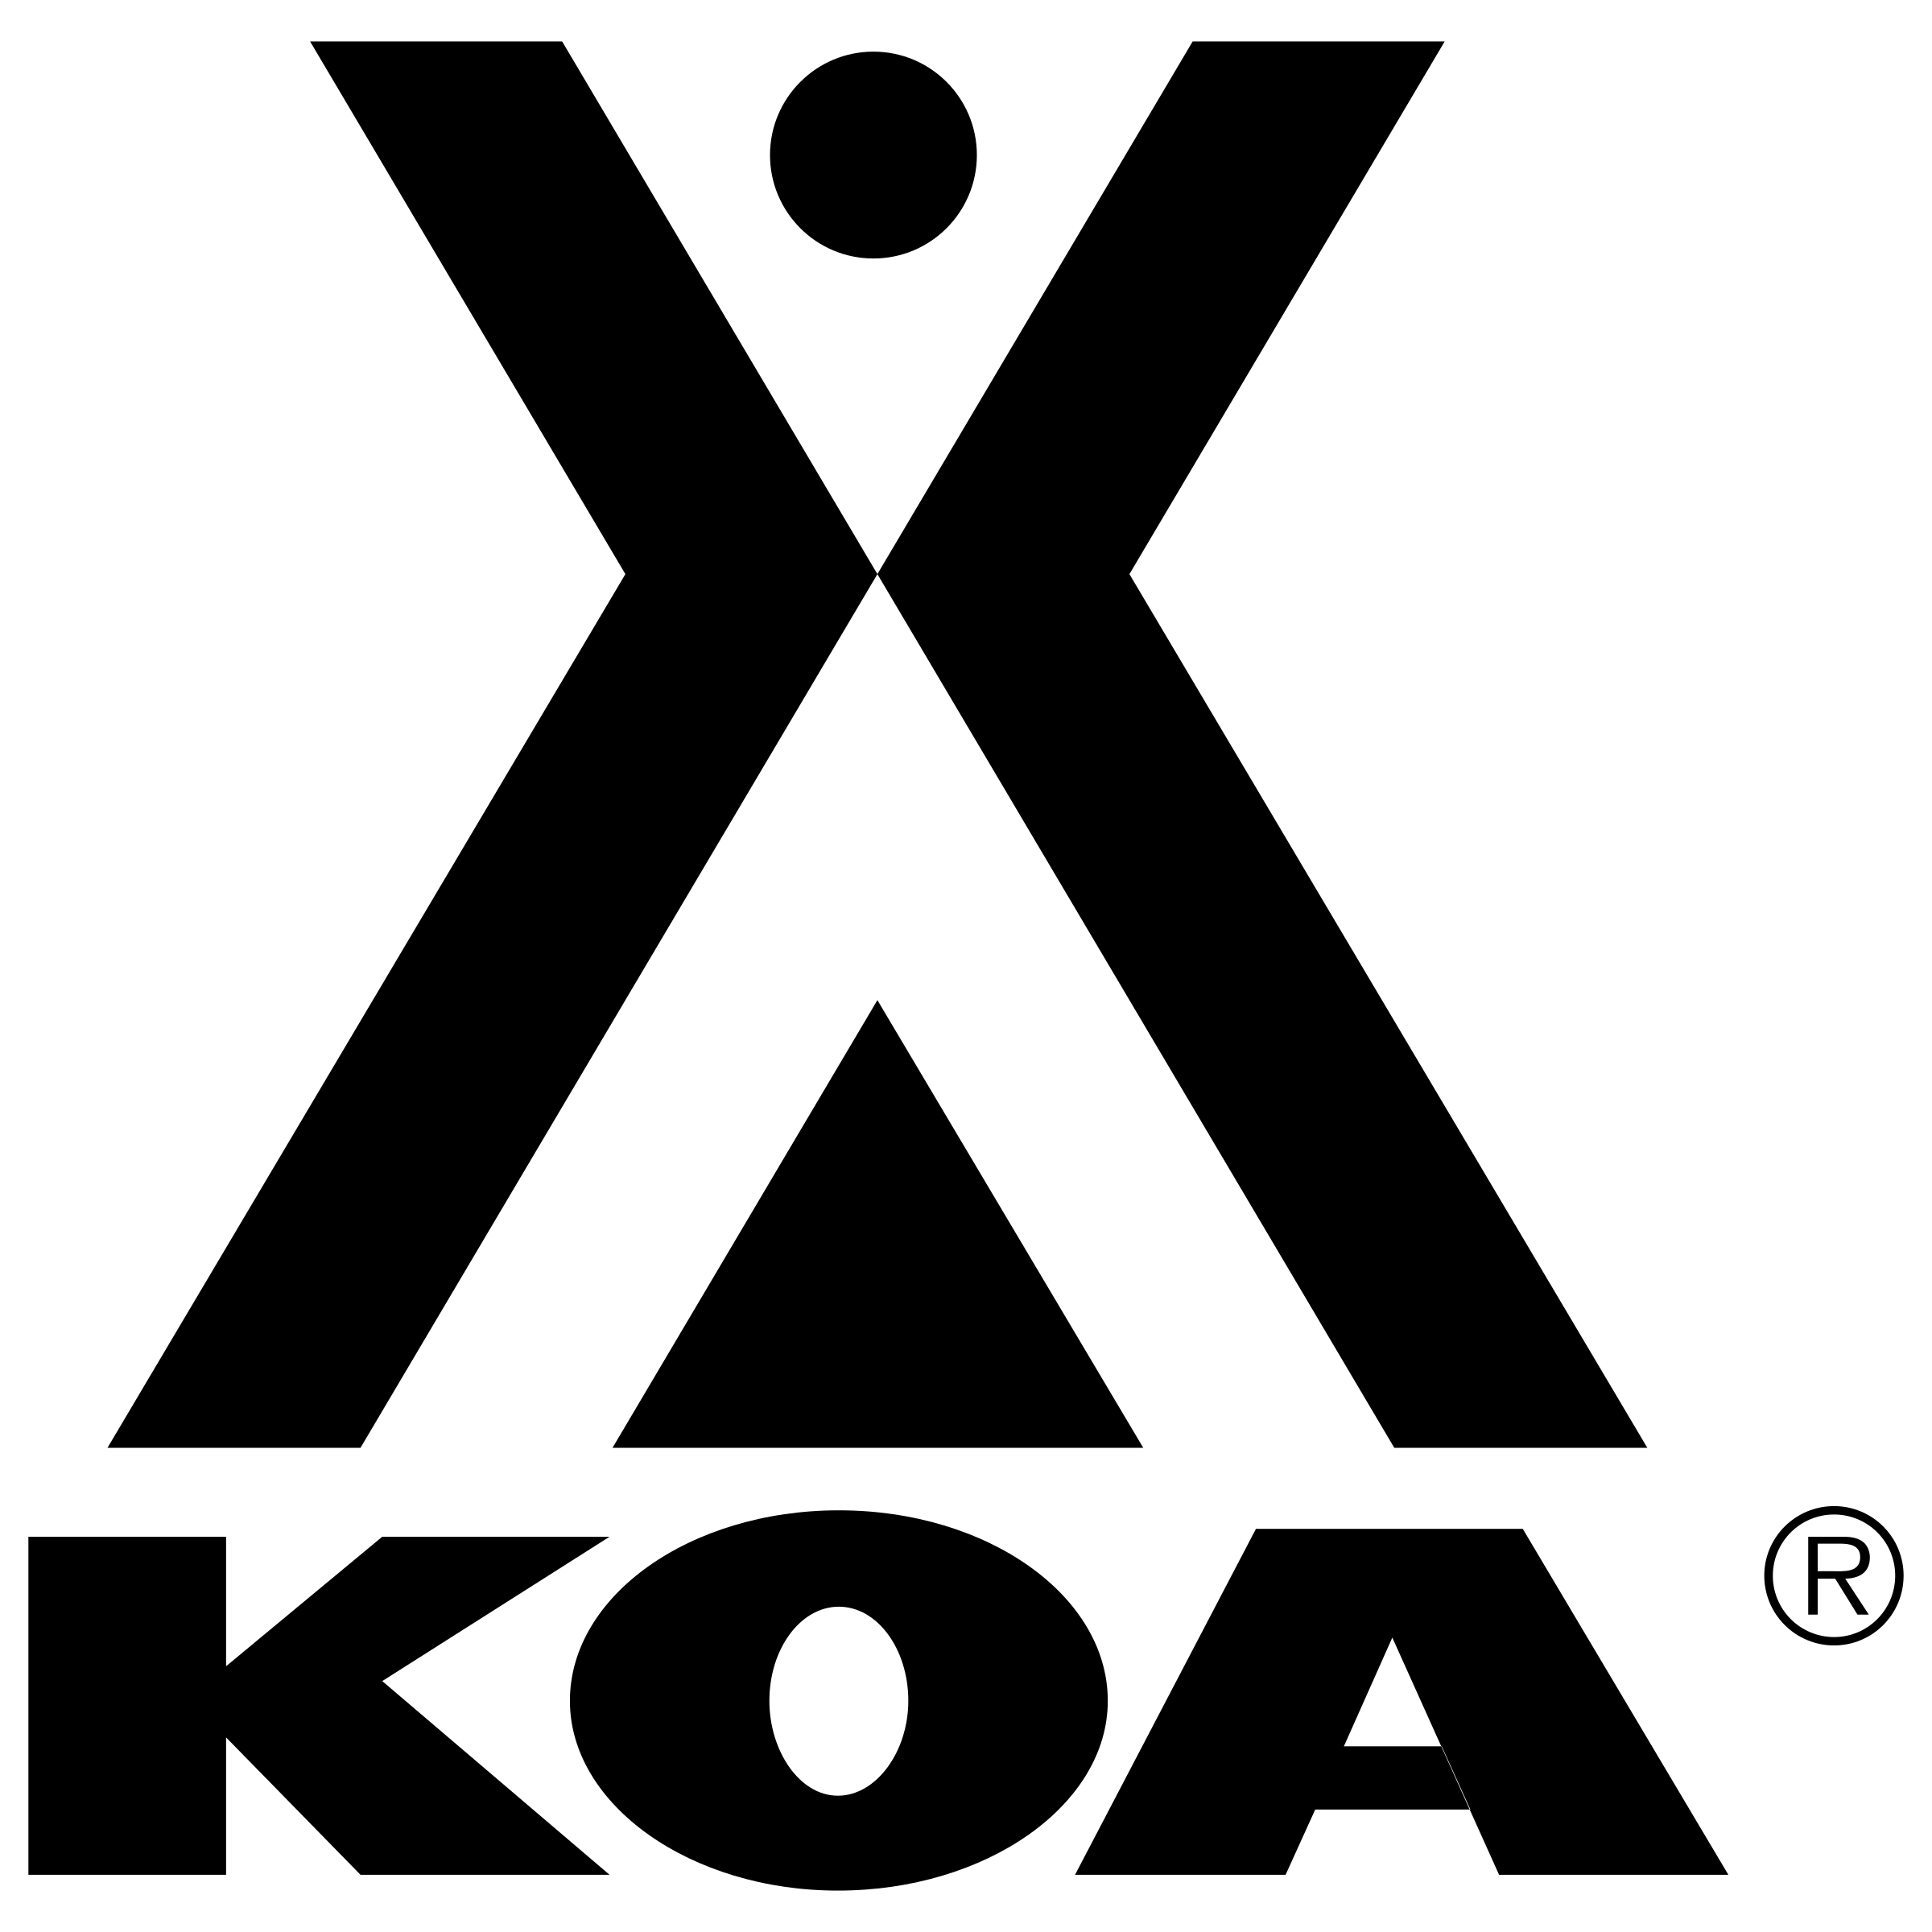 koa-logo-png-transparent.png